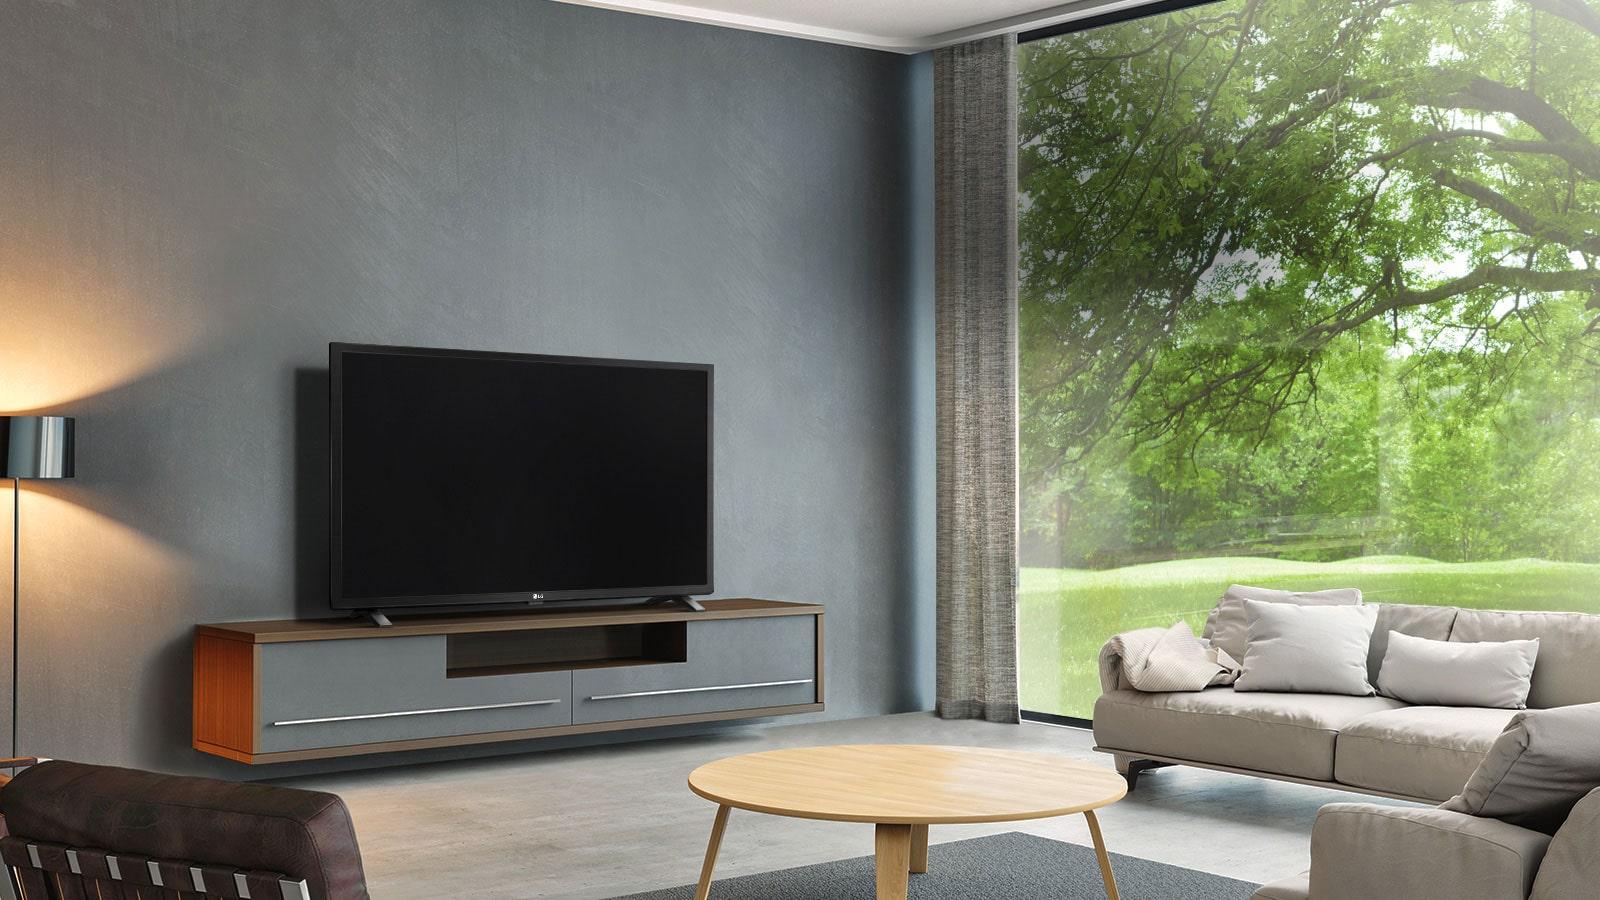 Design semplice e sofisticato1